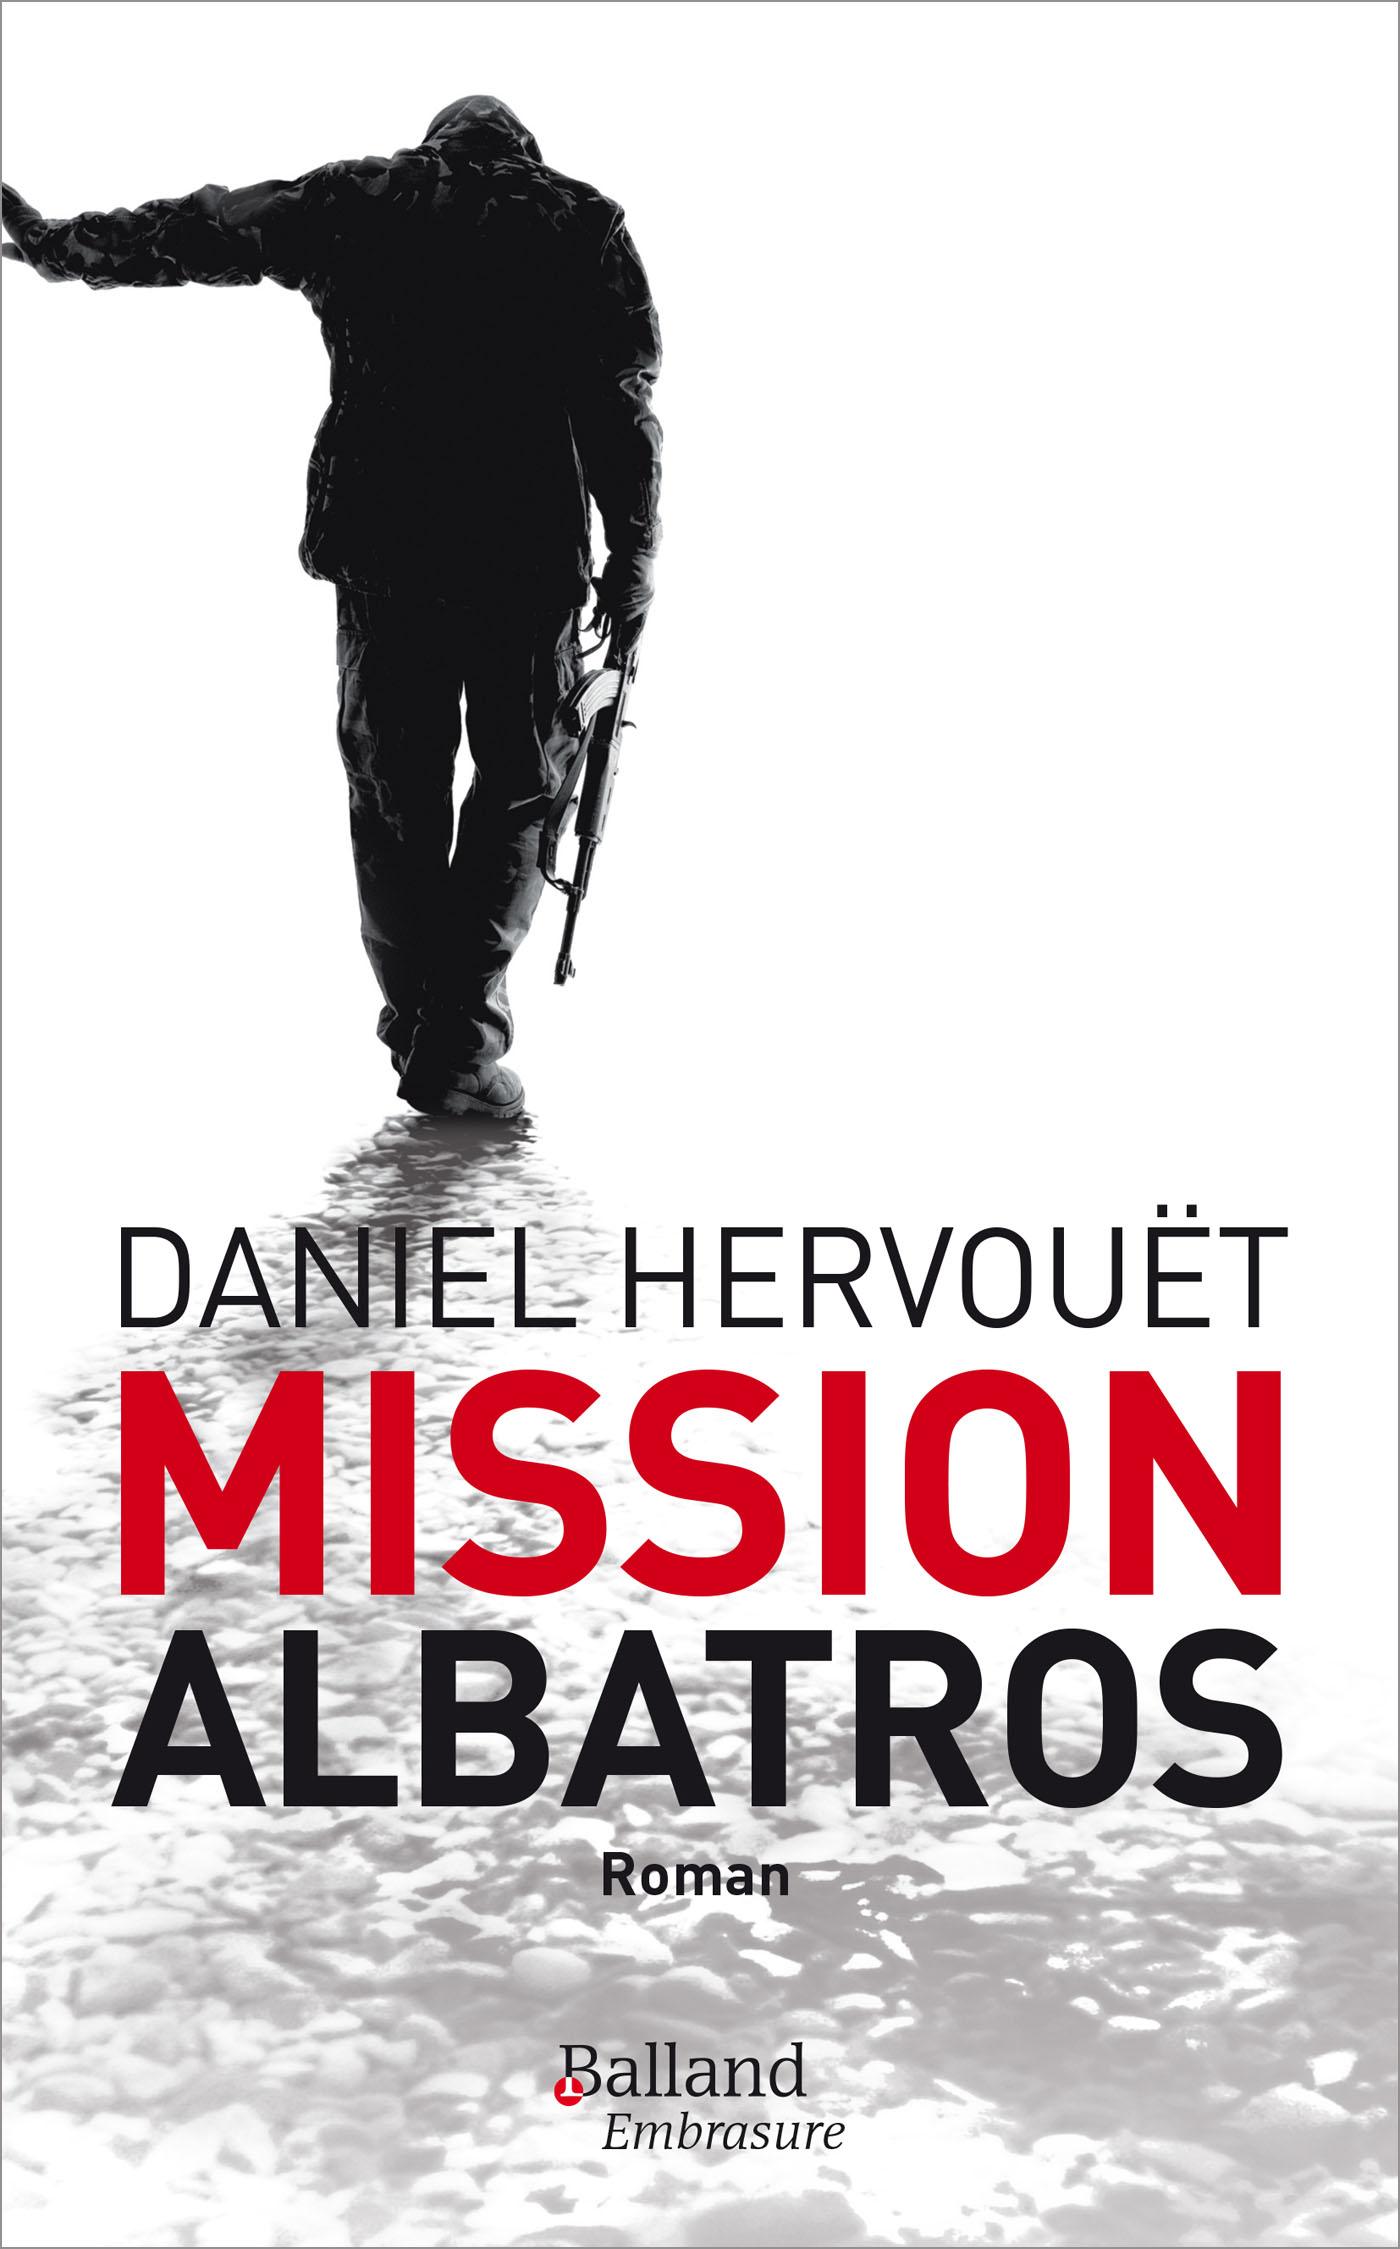 Mission albatros